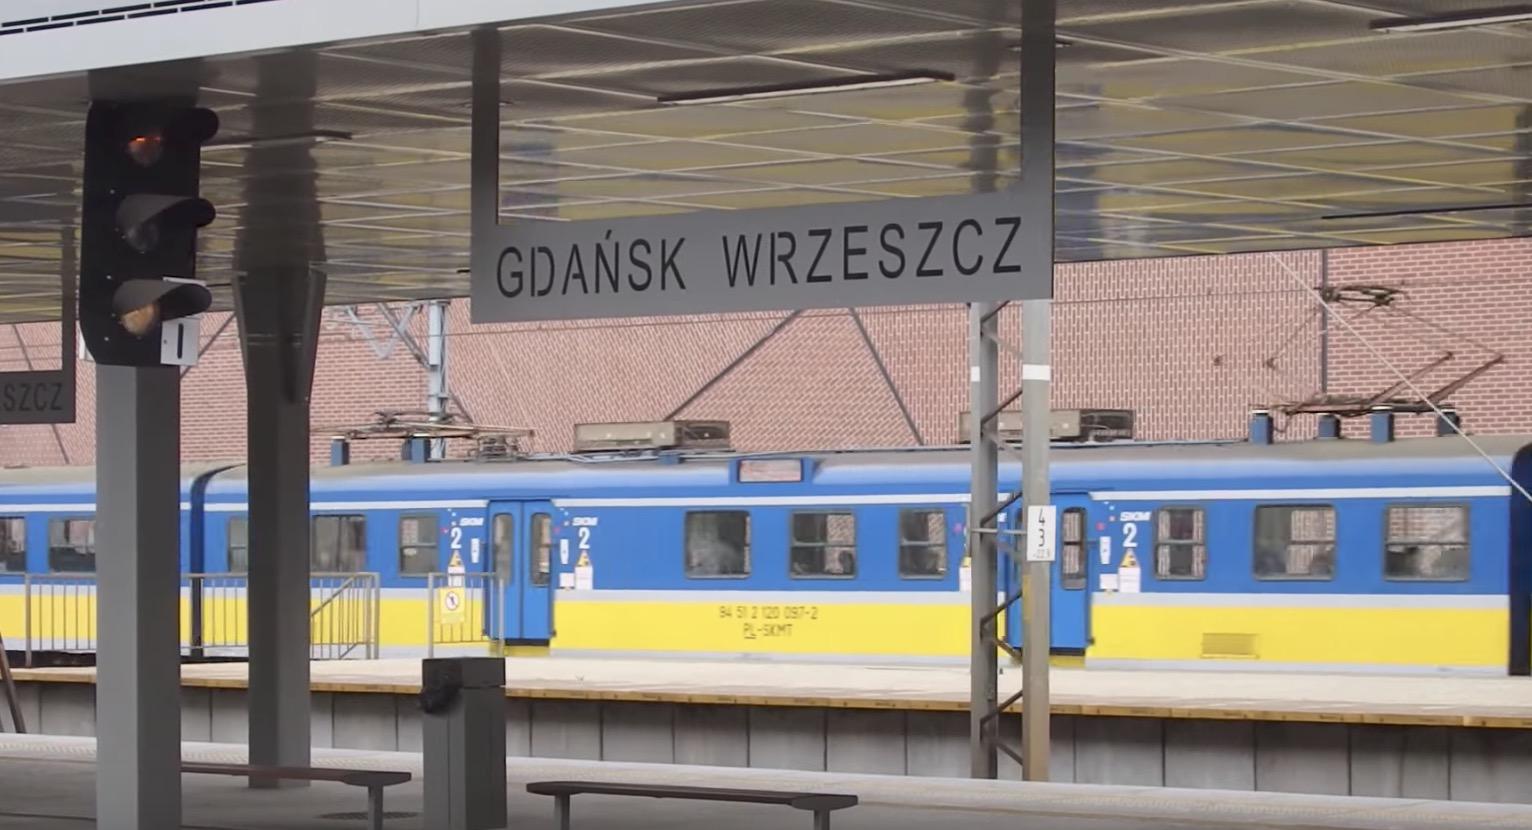 ポーランドの駅で山手線と同じメロディが流れていた!